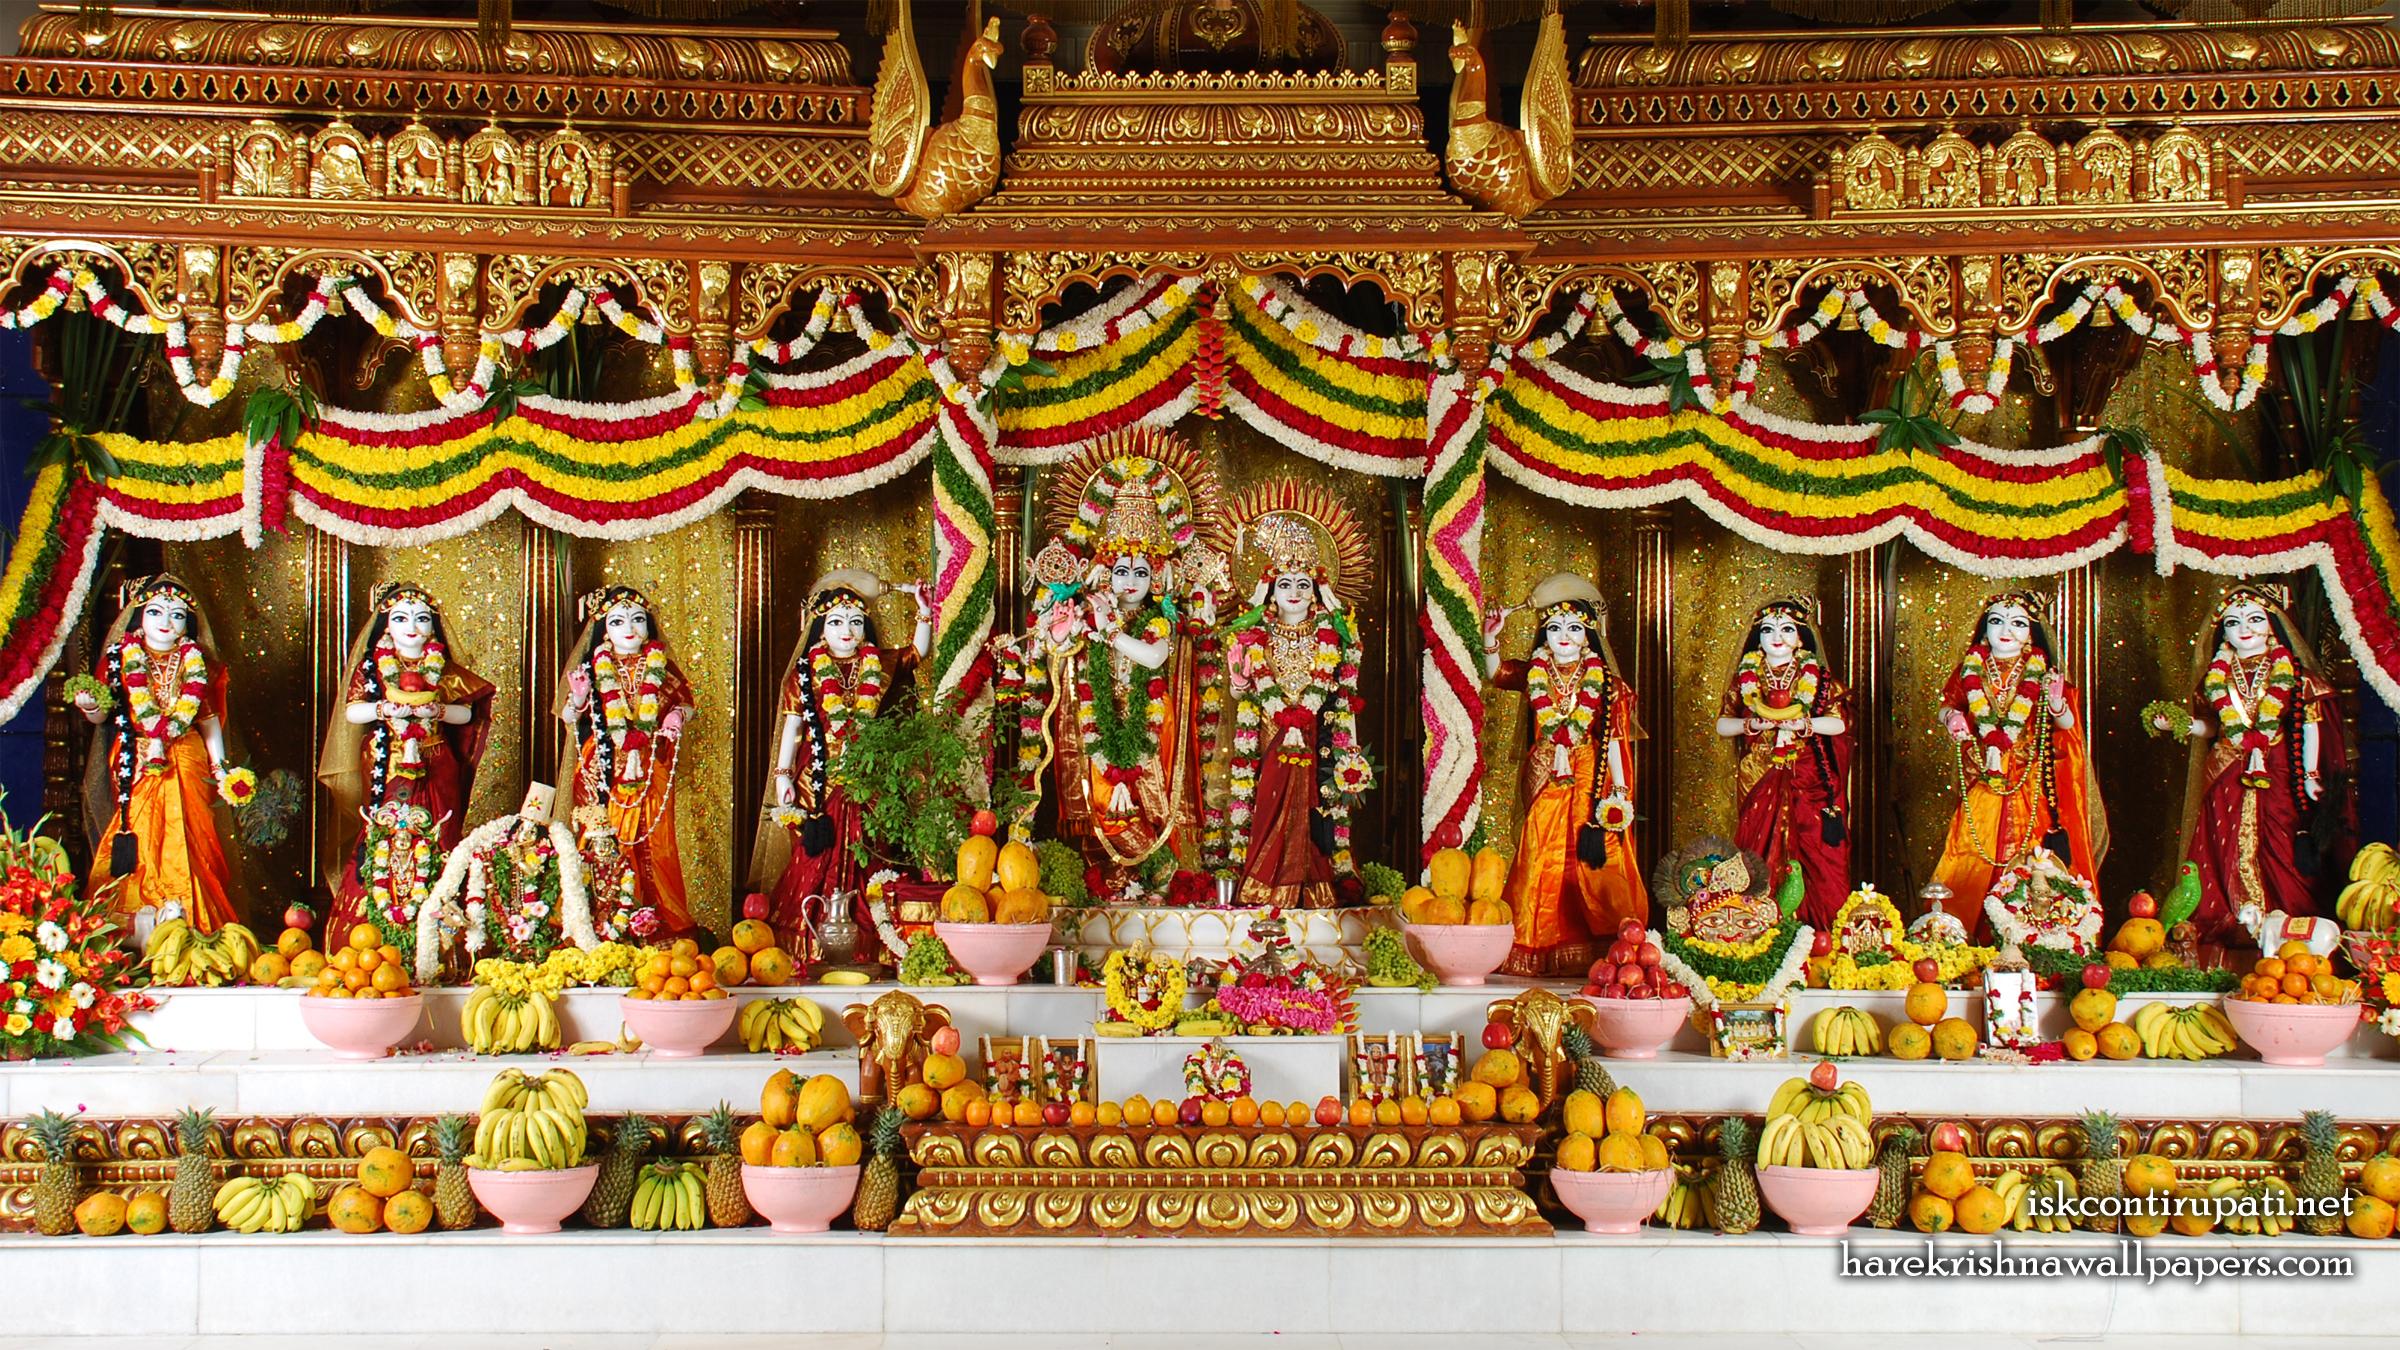 Sri Sri Radha Govinda with Ashtasakhi Wallpaper (005) Size 2400x1350 Download